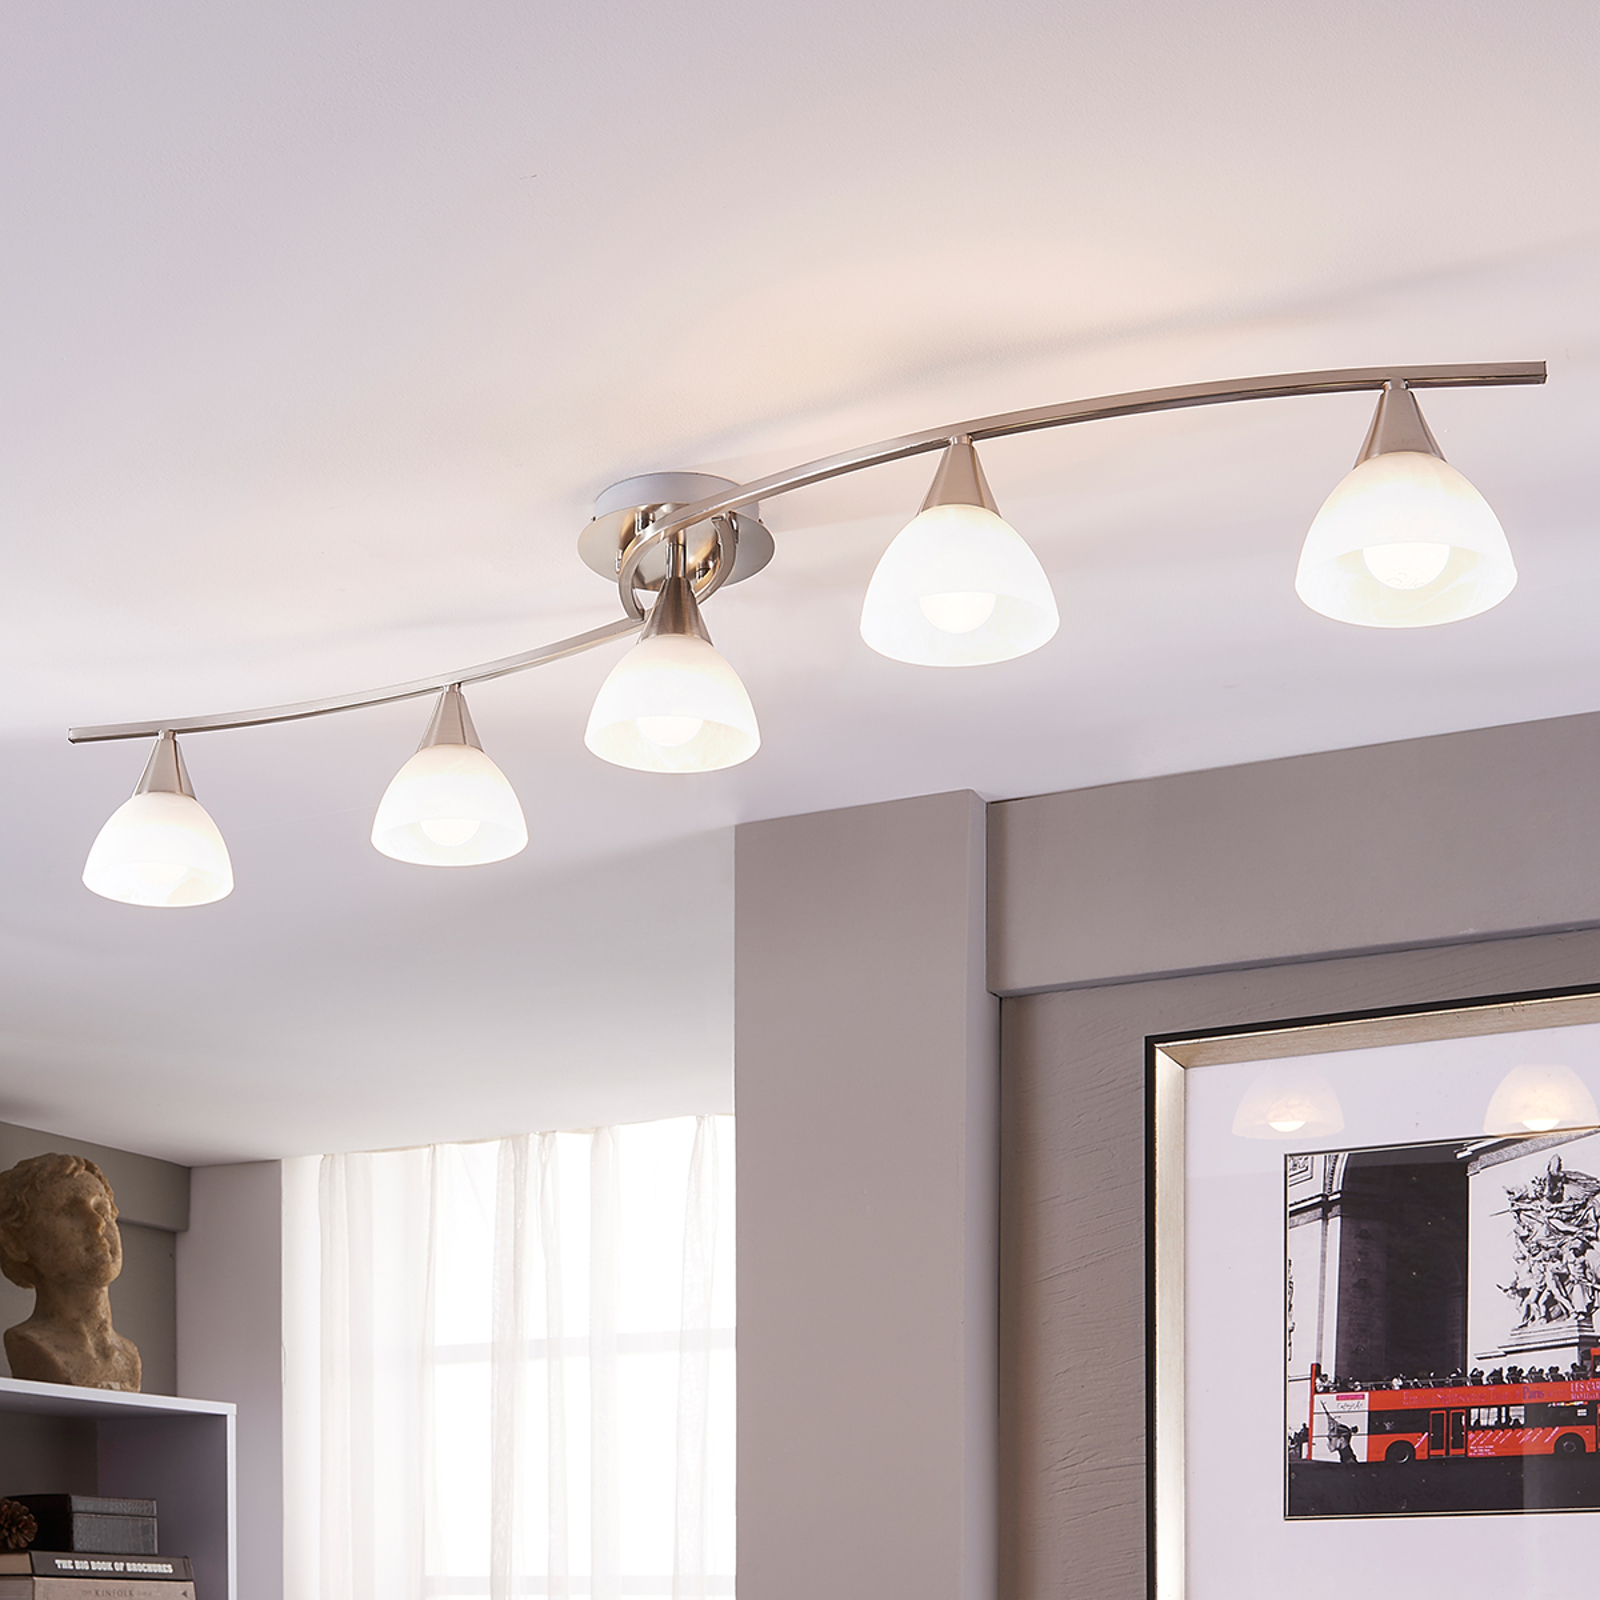 Plafonnier LED à 5 lampes Della, nickel mat